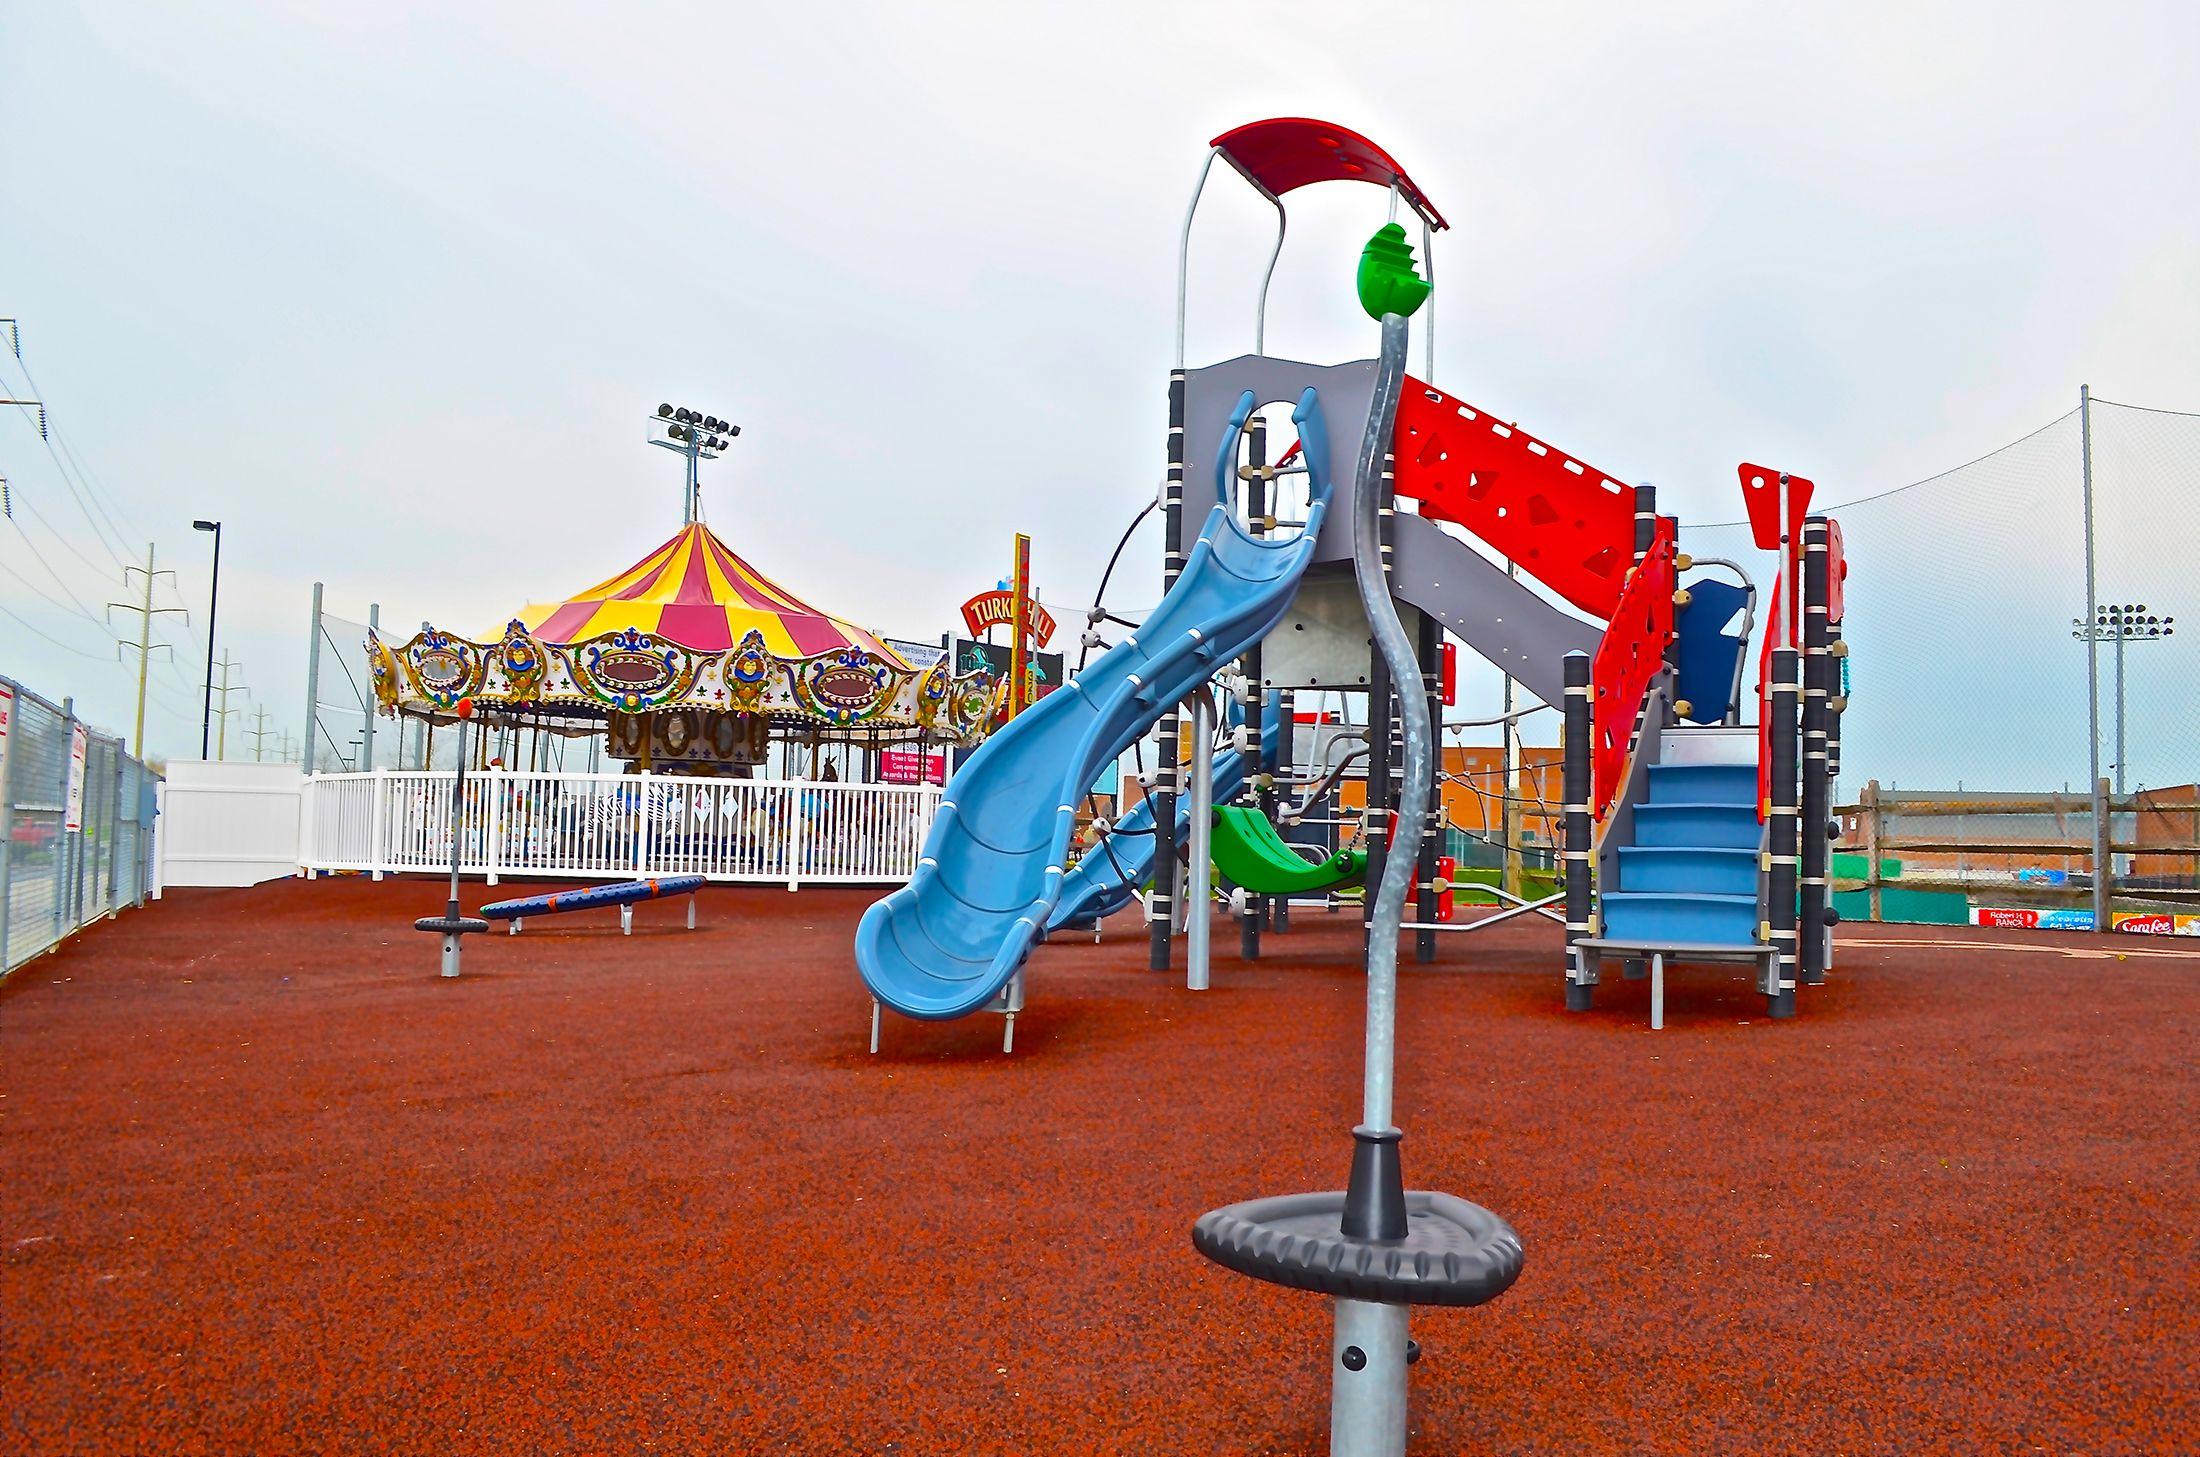 Clipper Magazine Stadium Stadium Playground Kids Playing